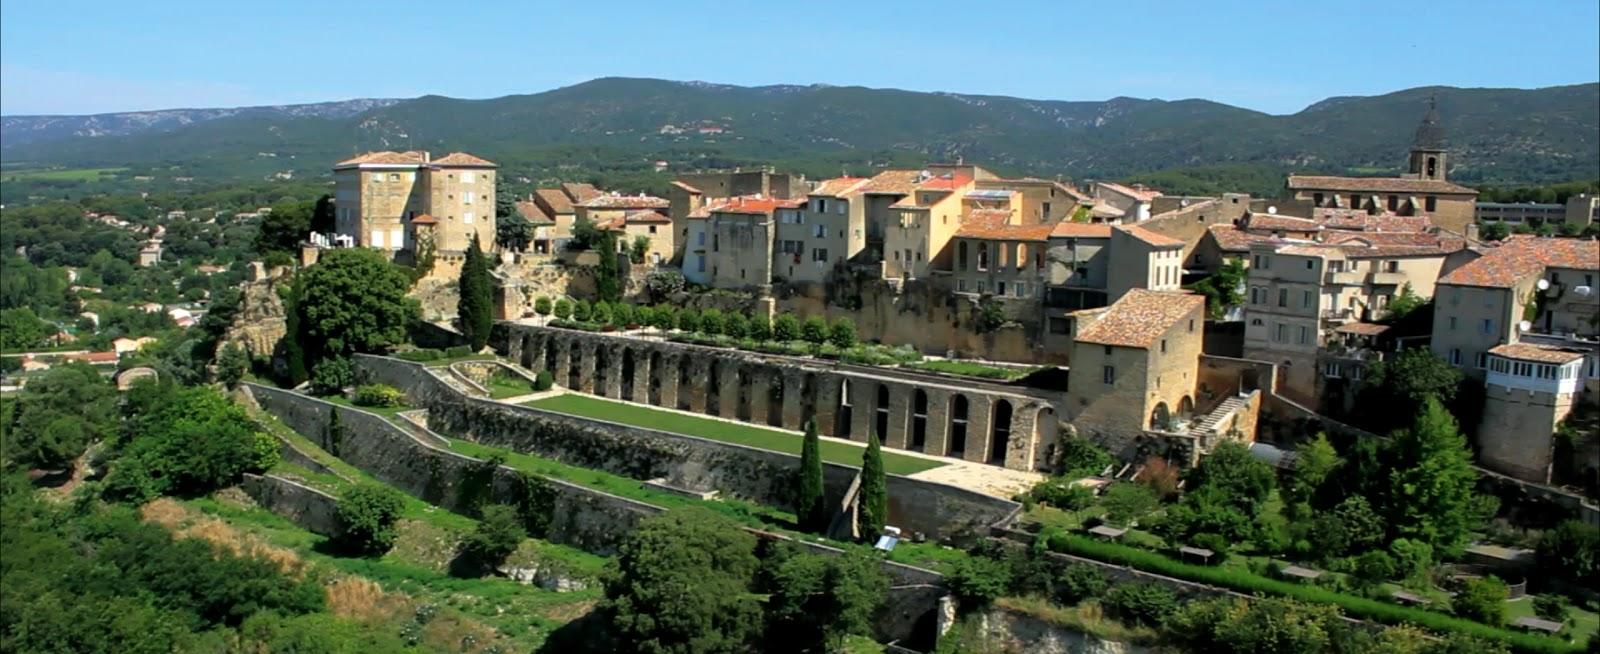 Tourisme et sorties en provence sud luberon durance et alpilles villes et villages - Les jardins de provence 77 ...